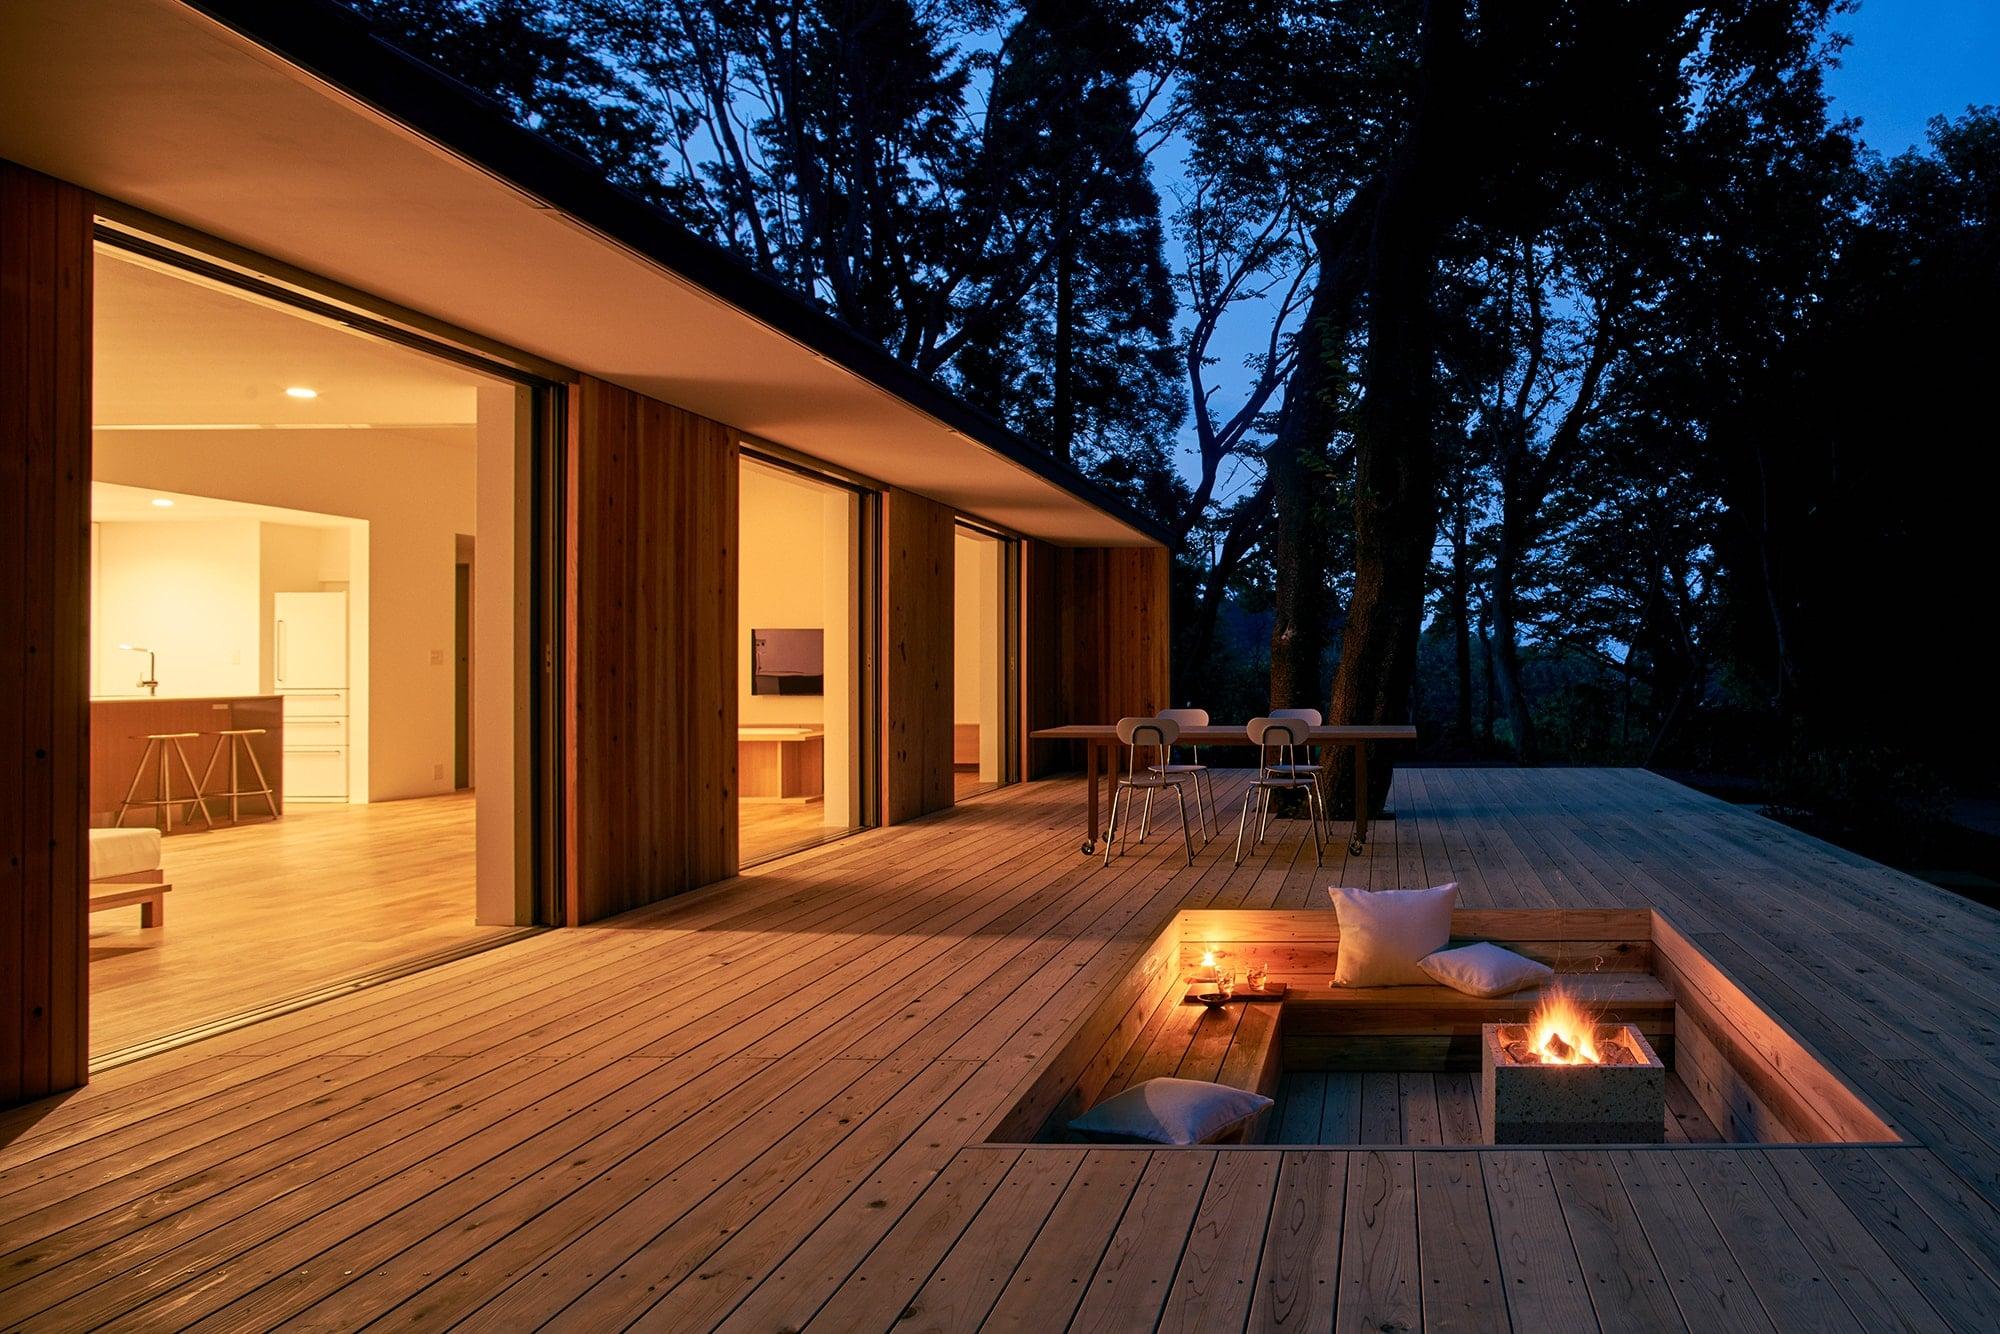 堀りスペースやバーベキューグリルの設置など、設計自由度の高いウッドデッキ。